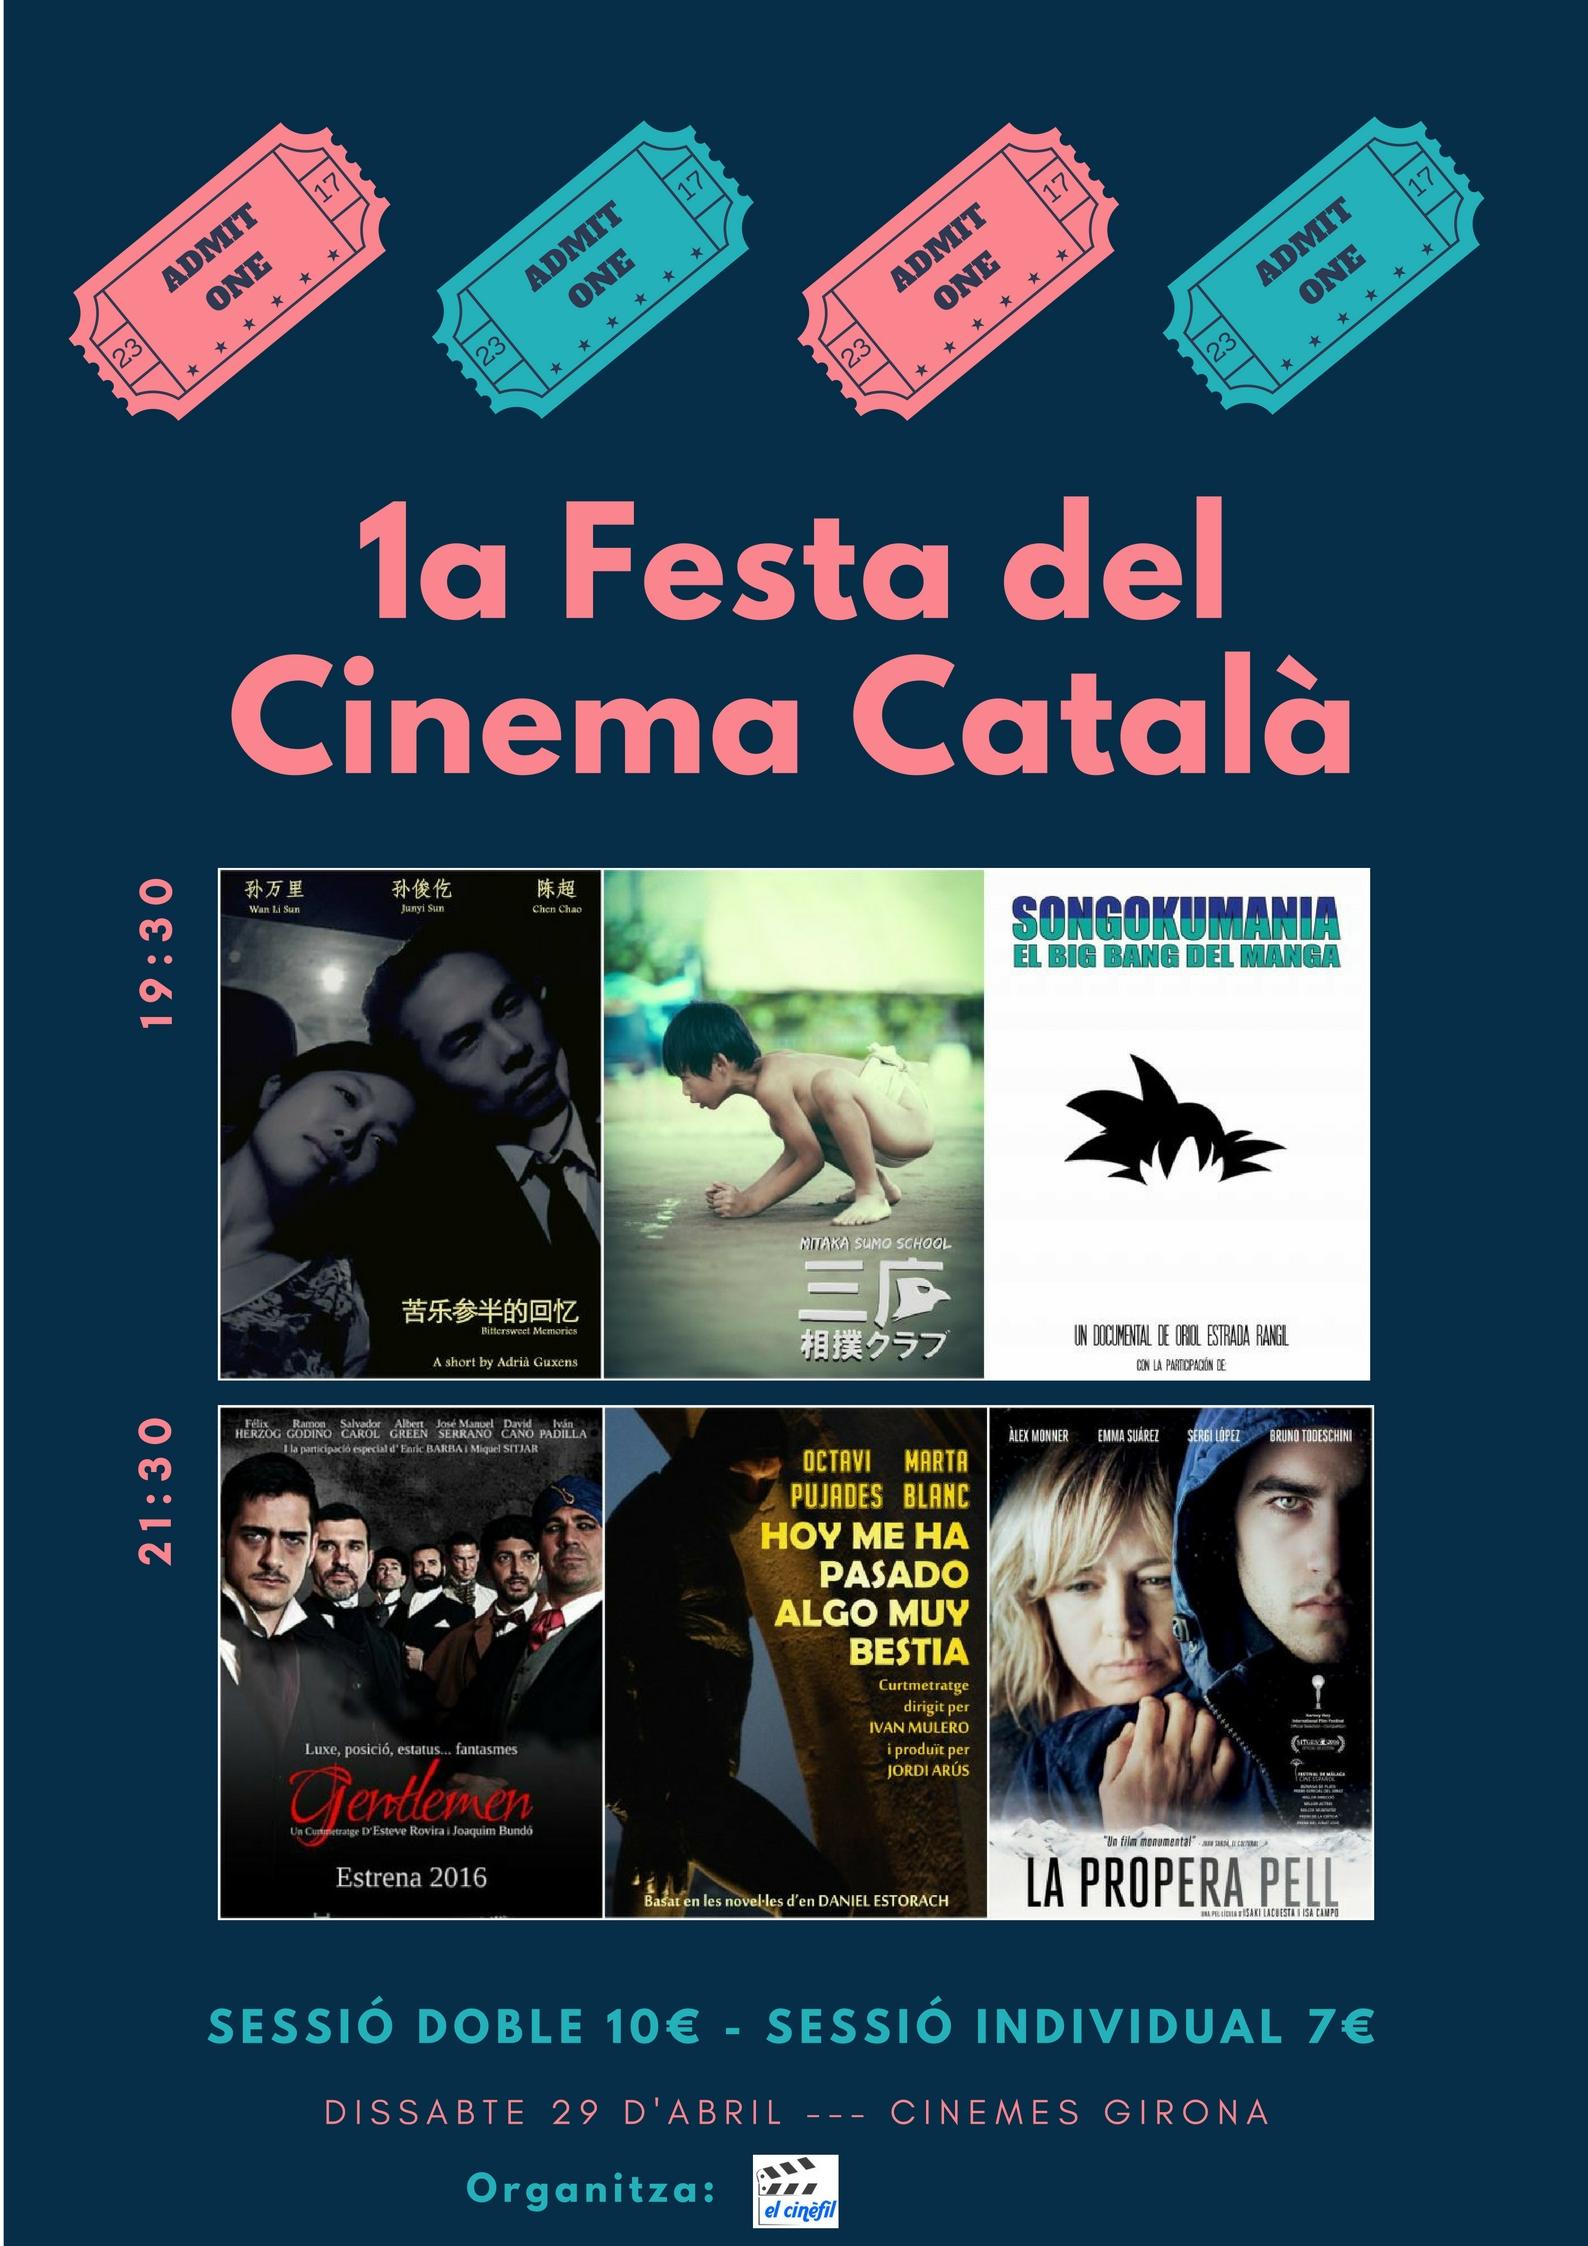 Festa del cinema català